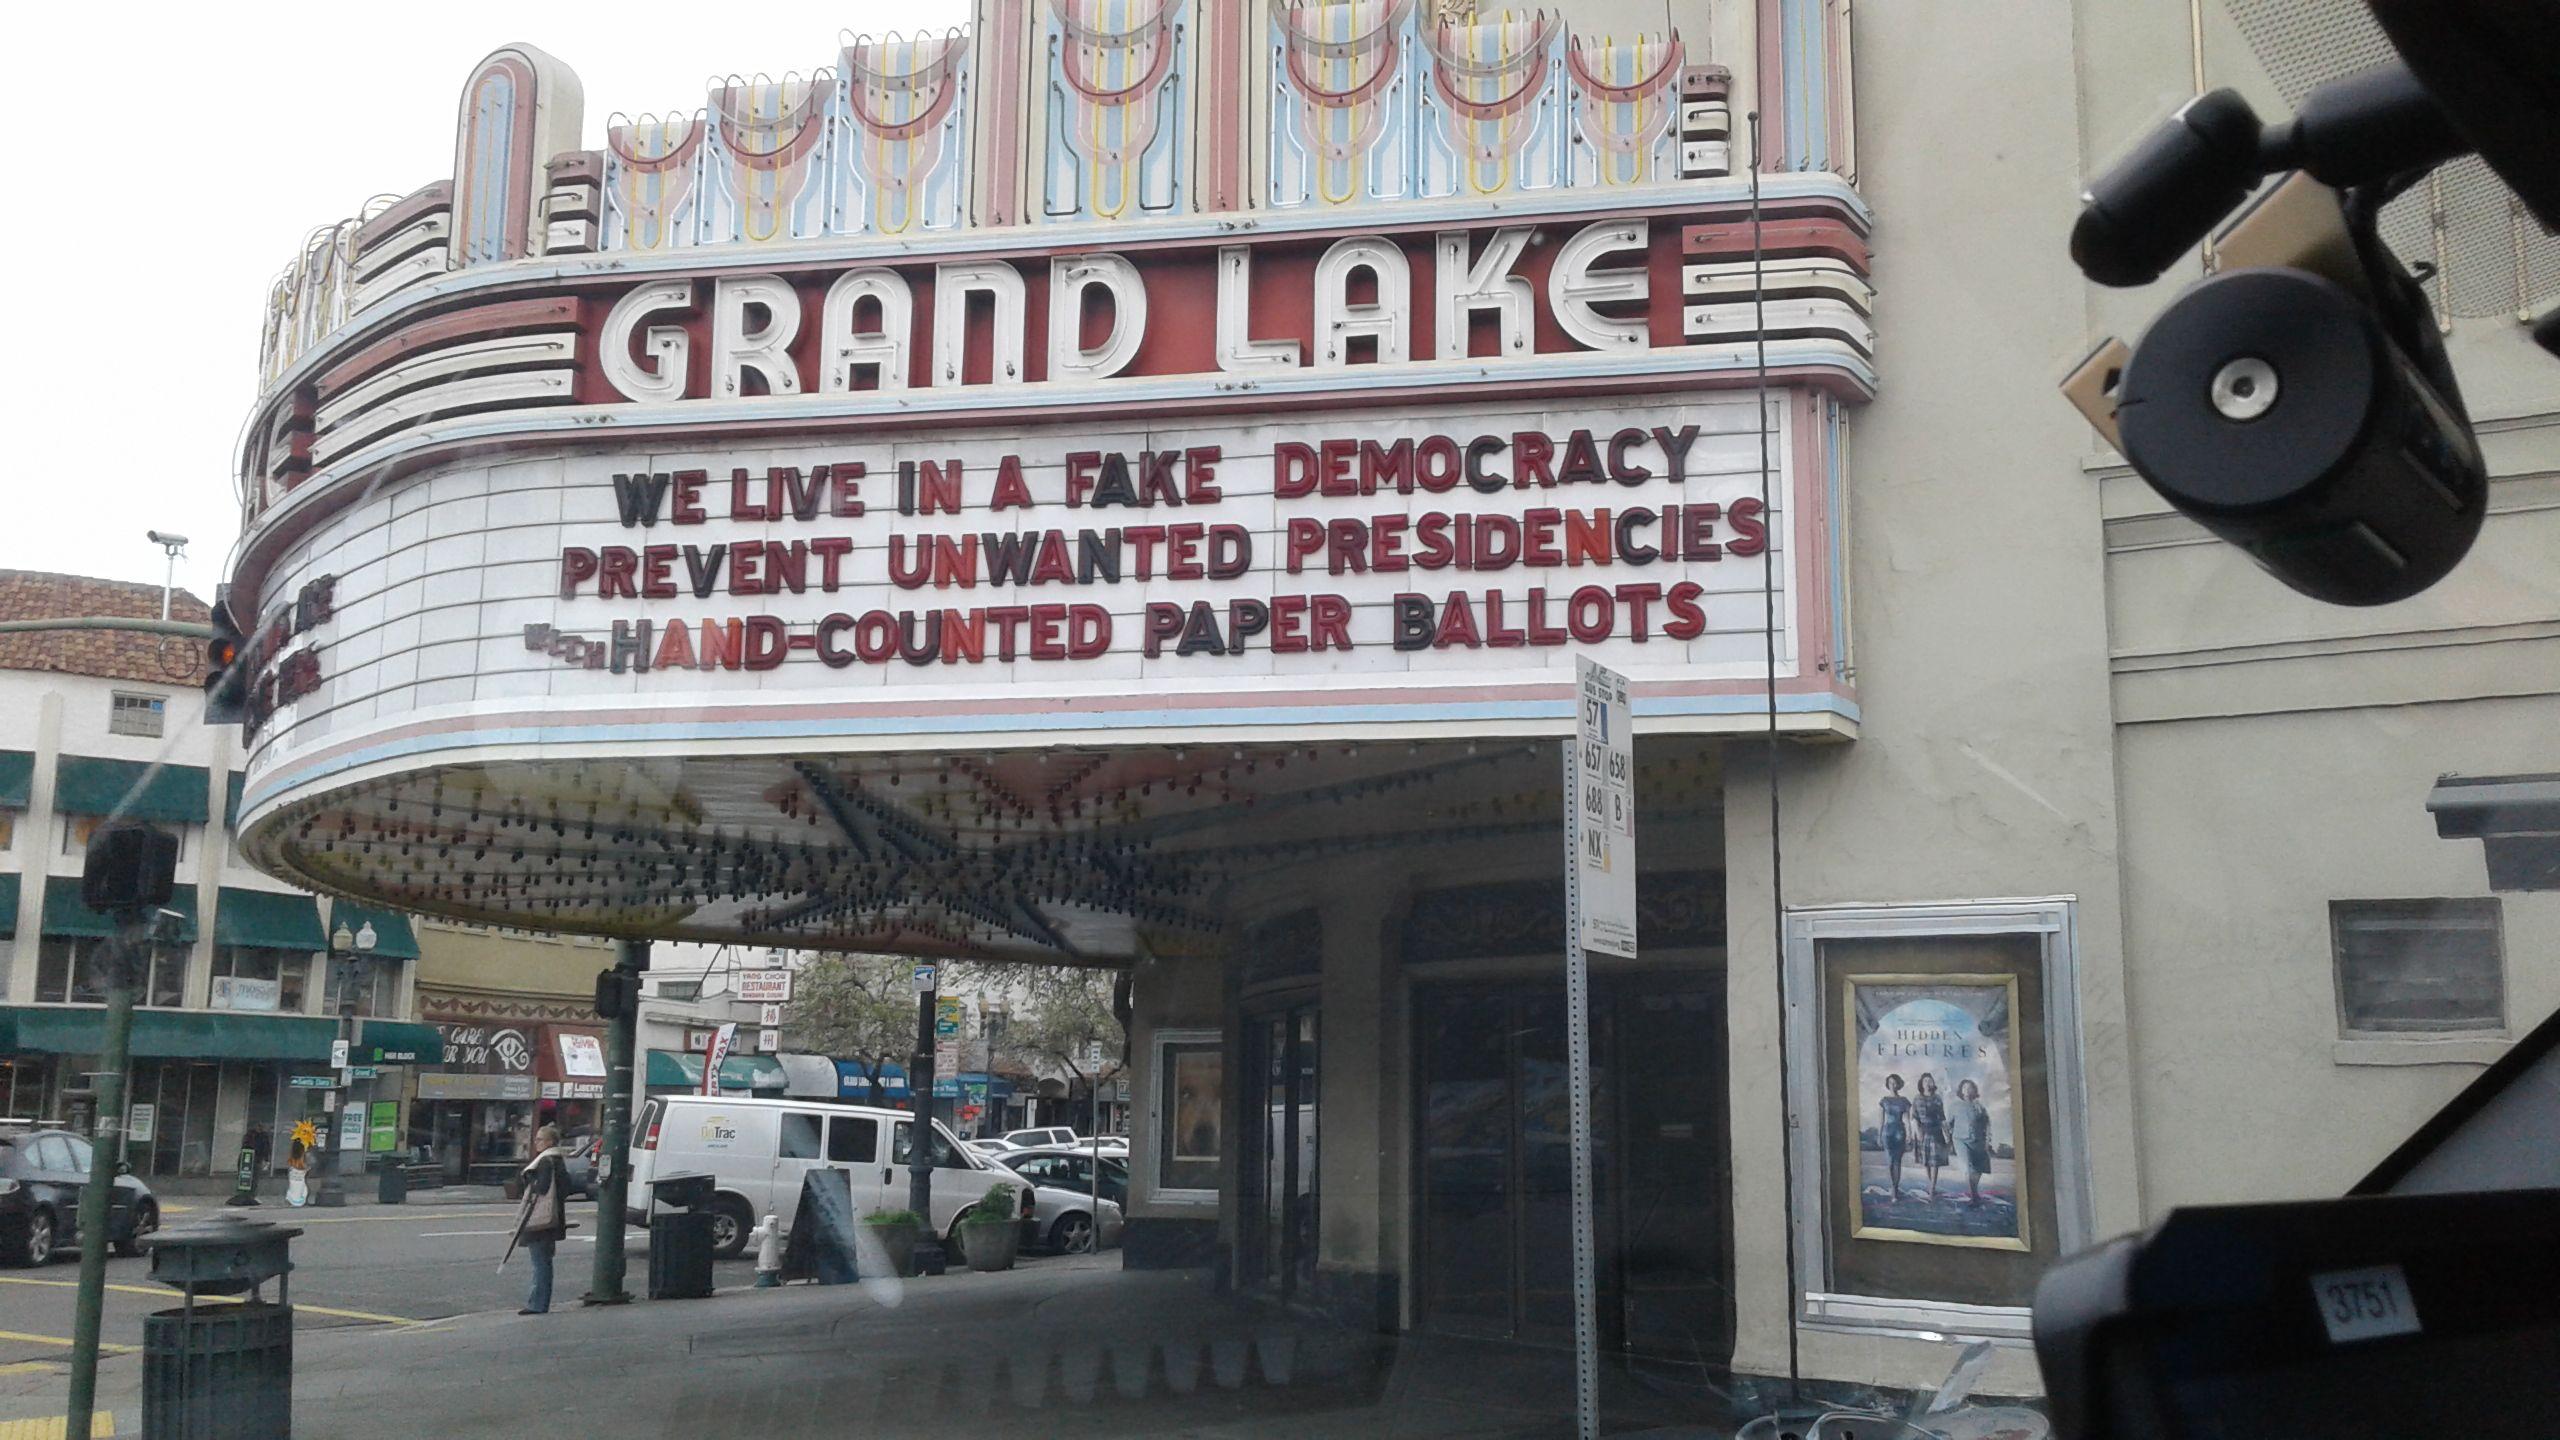 Marquee Above Lake Grand Shore Theatre in Oakland California.